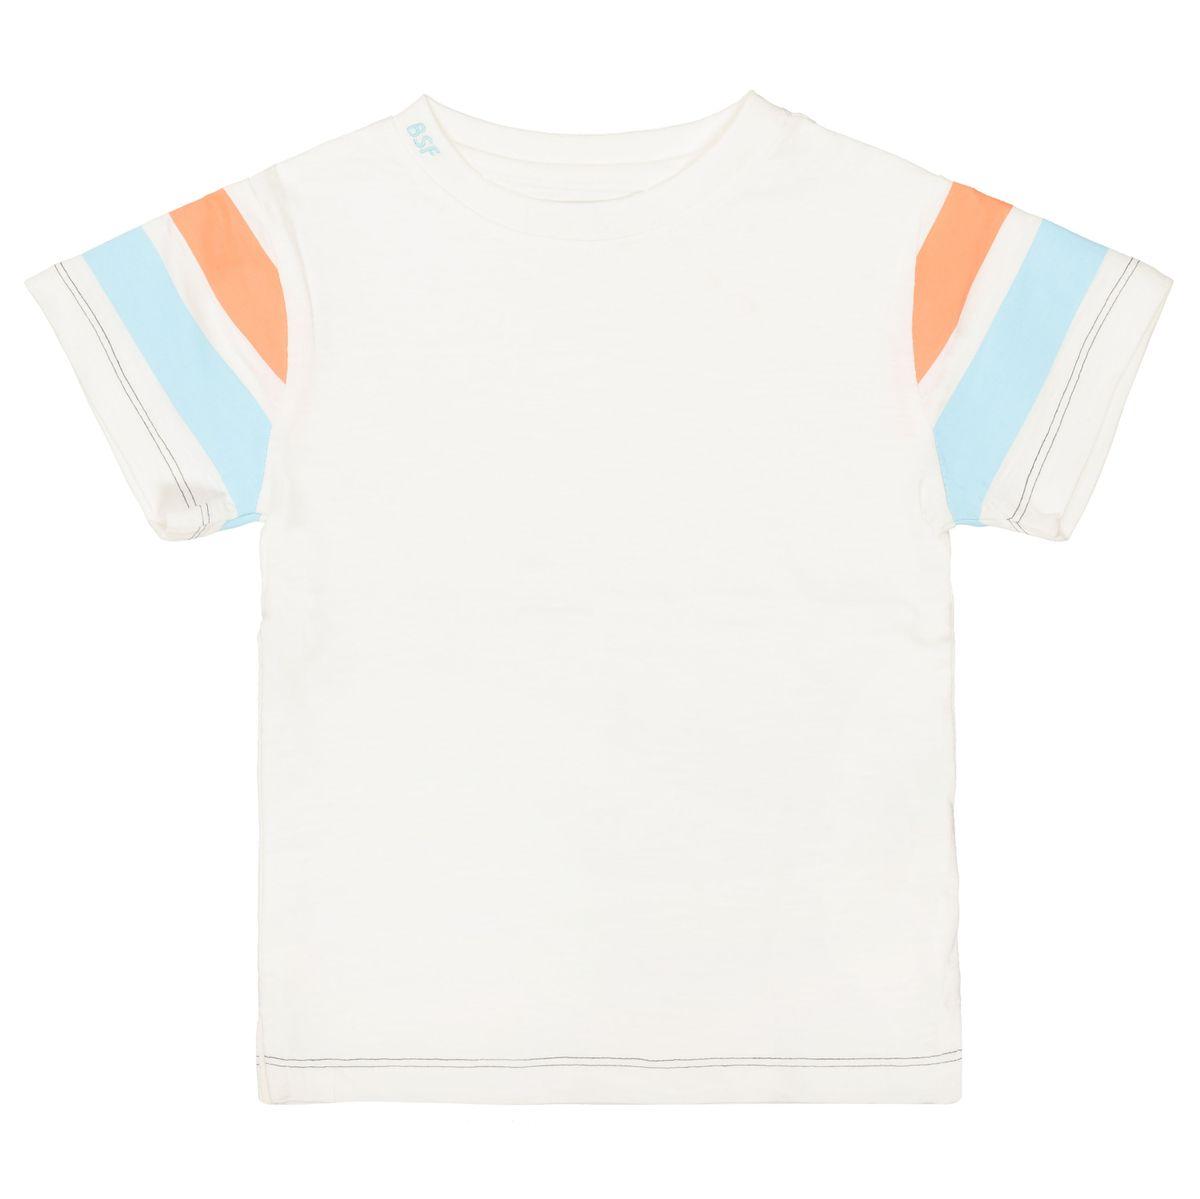 T-Shirt - T-Shirt mit Kontraststreifen mit Kontraststreifen - Offwhite